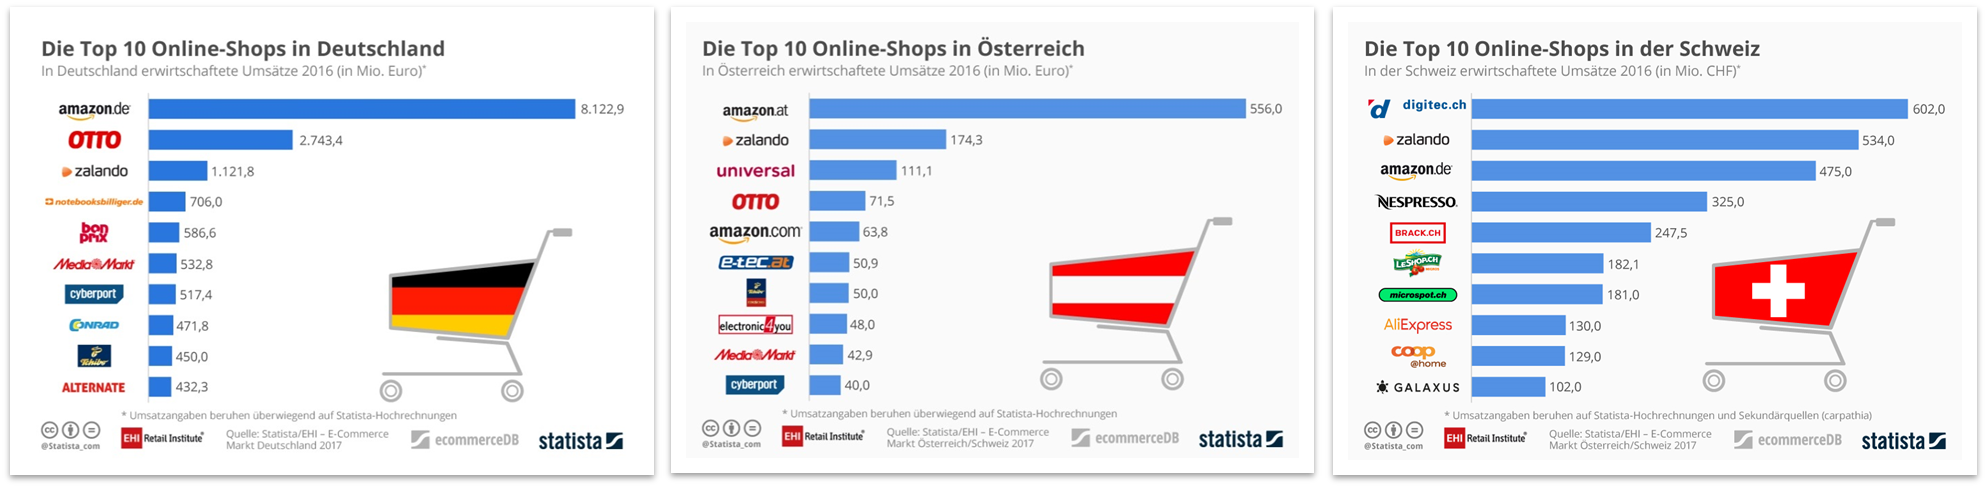 Top-10 Onlineshops Deutschland, Österreich und Schweiz - Quelle: EHI/Statista/Carpathia